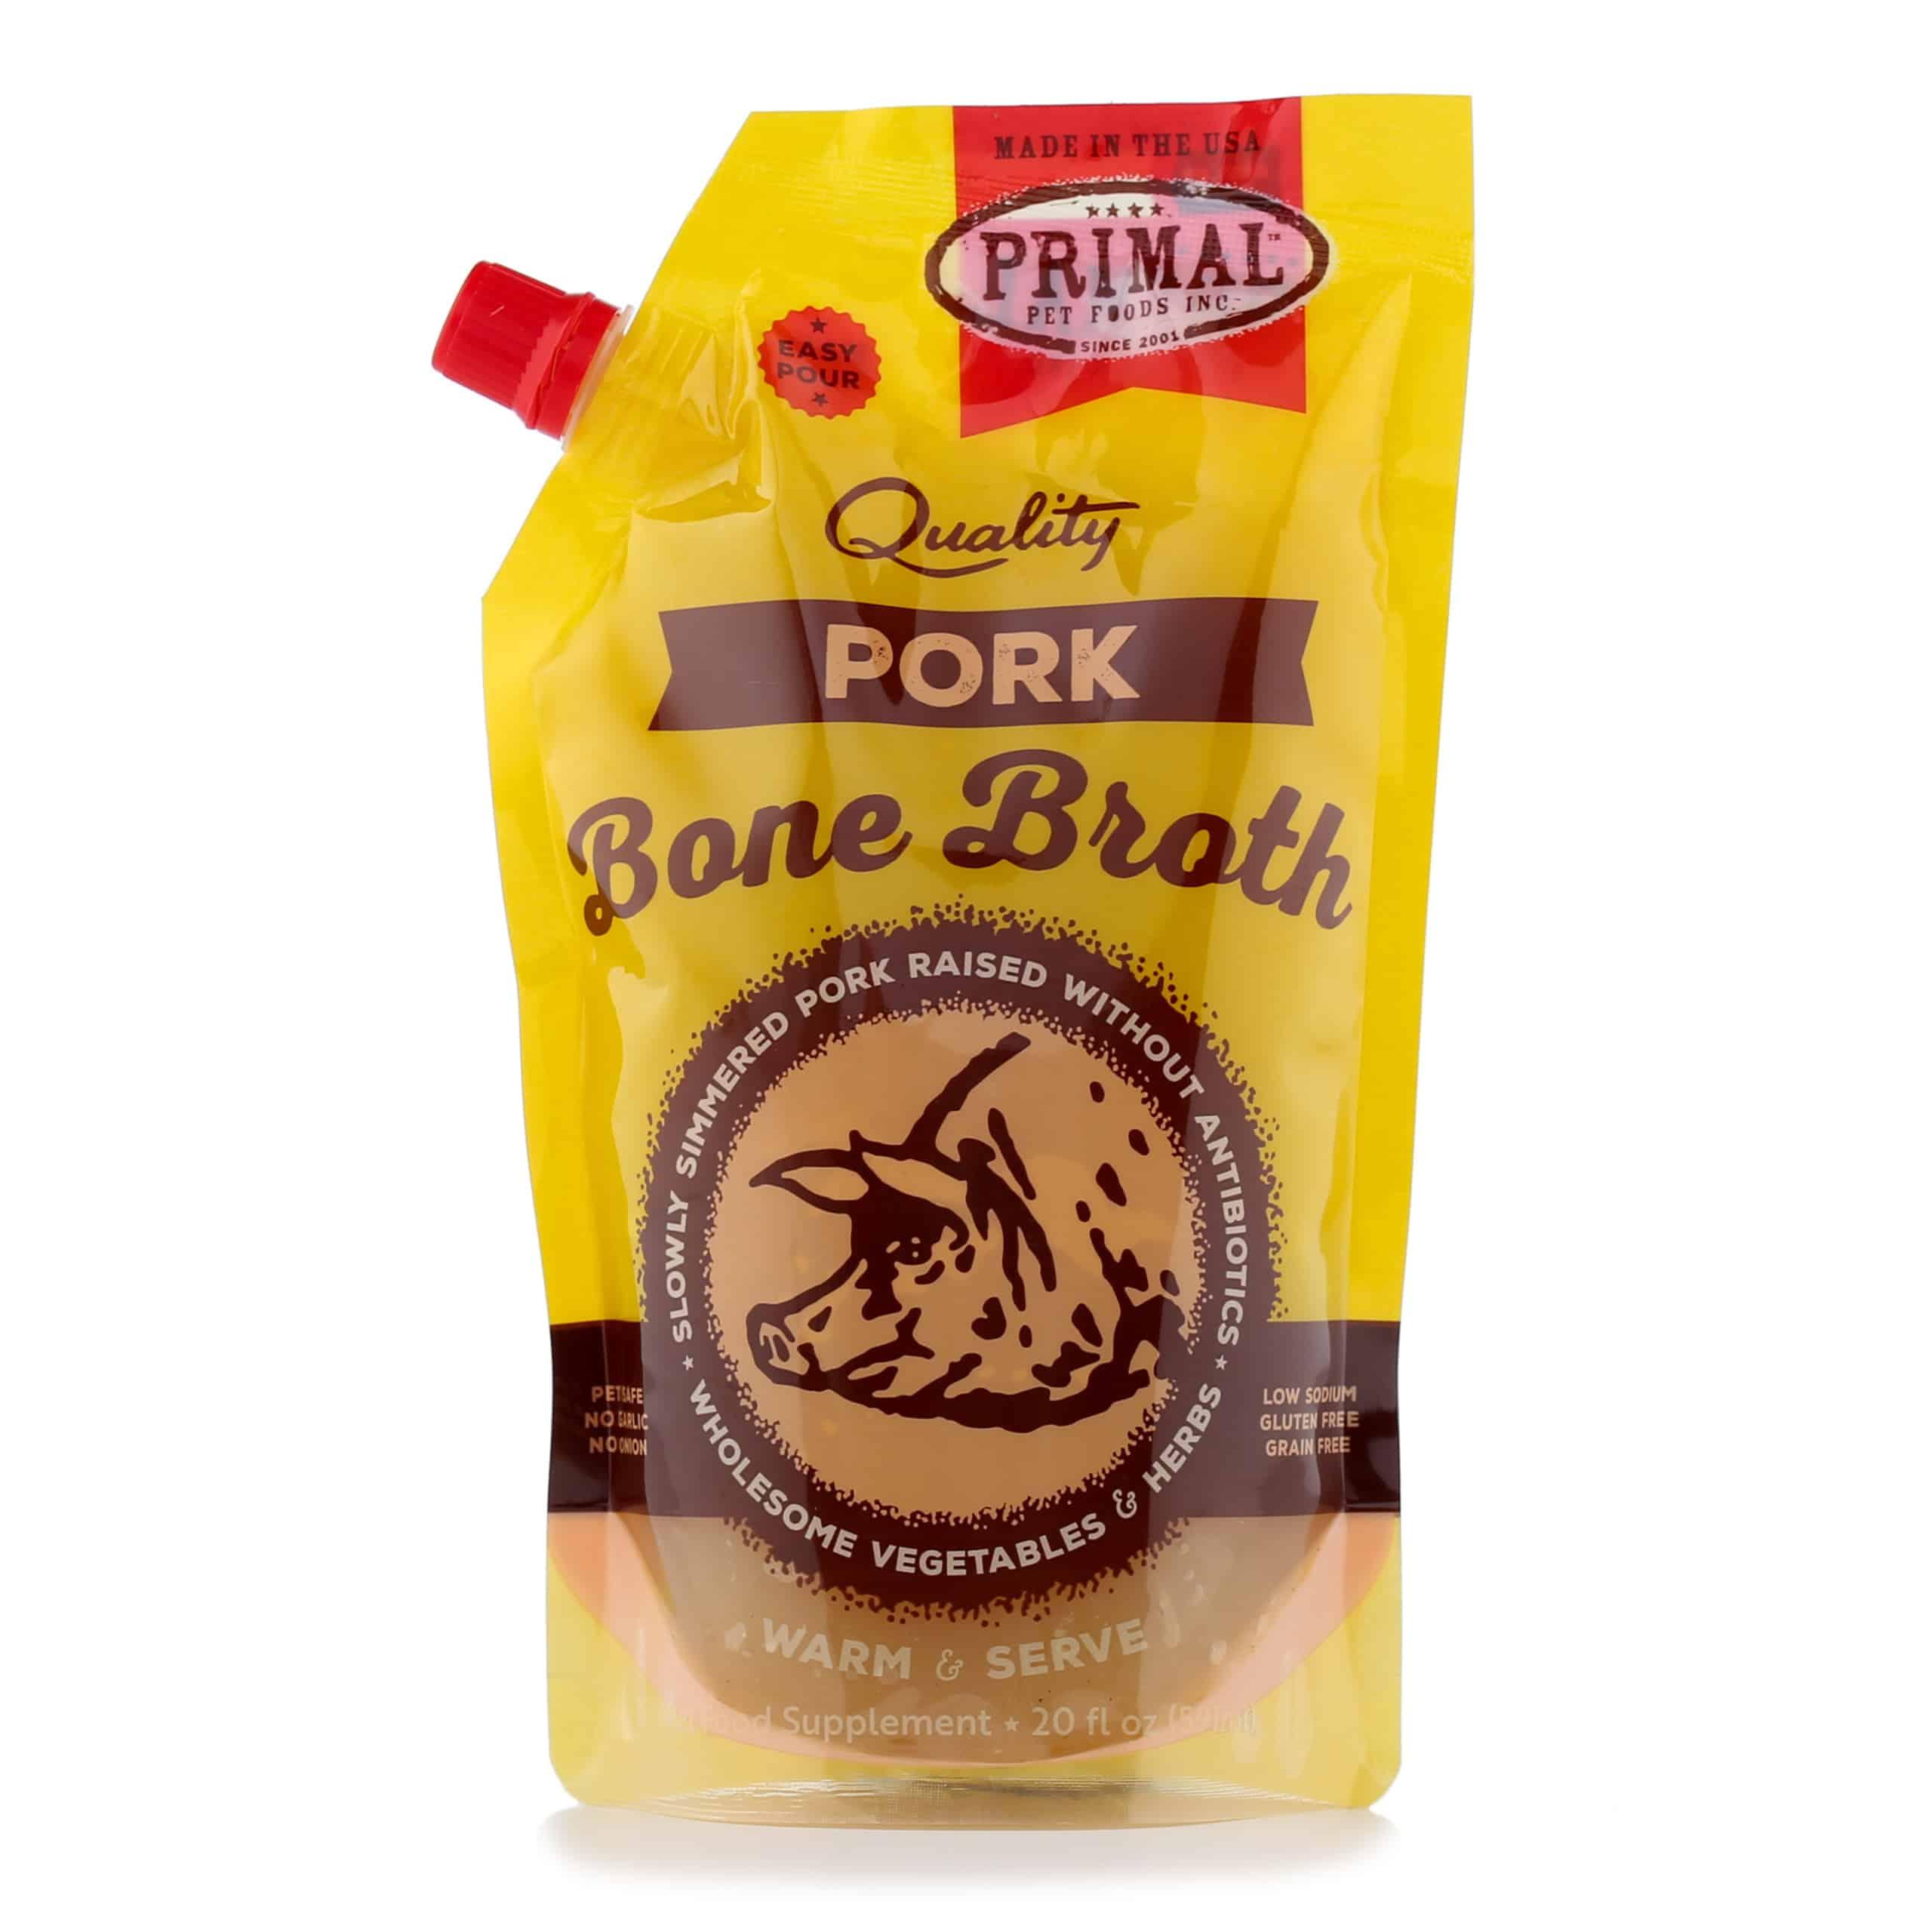 Primal 20oz Pork Bone Broth